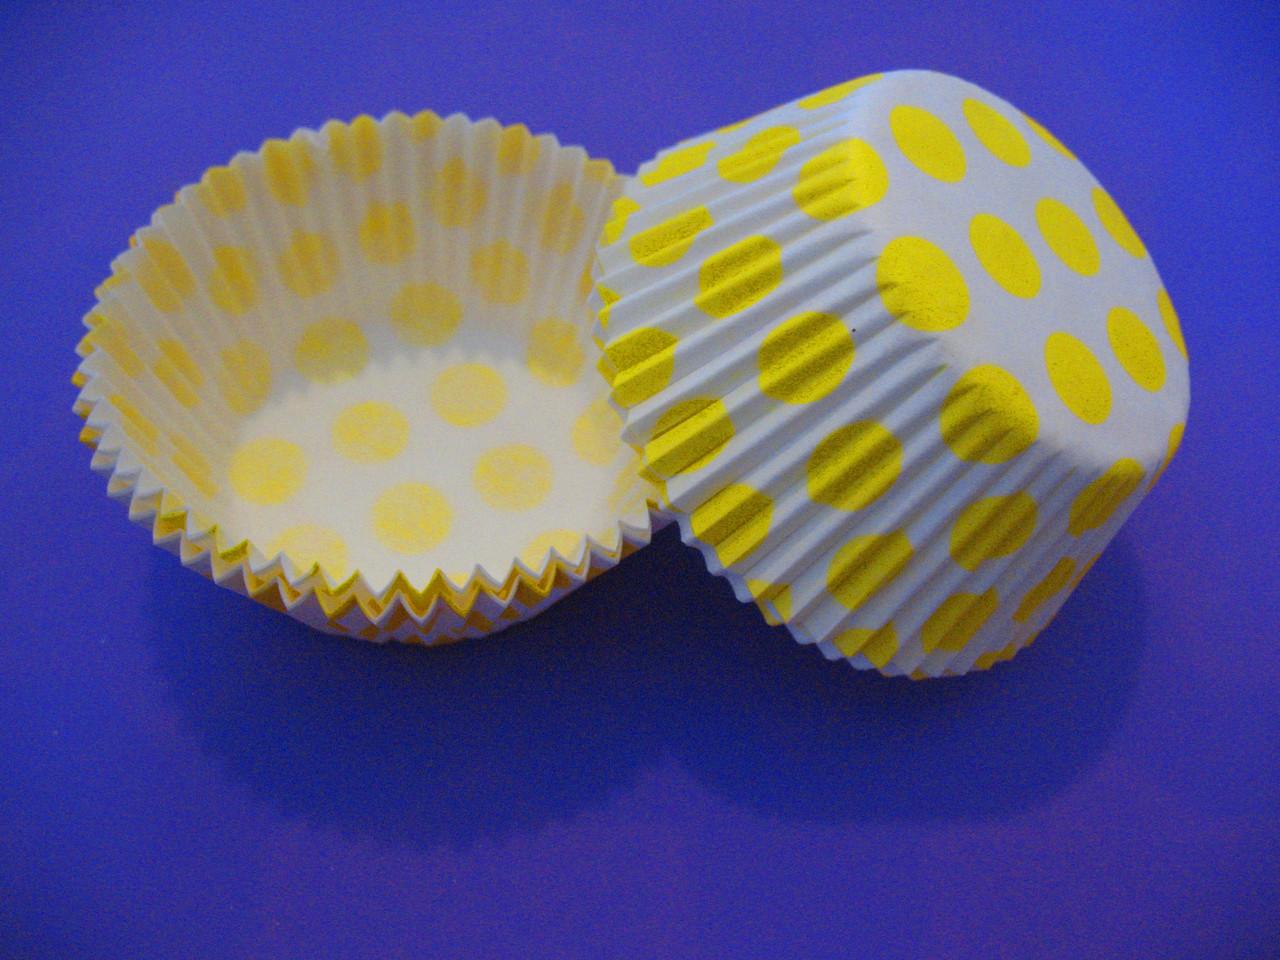 Тарталетки (капсулы) бумажные для кексов, капкейков Белые в желтый горох